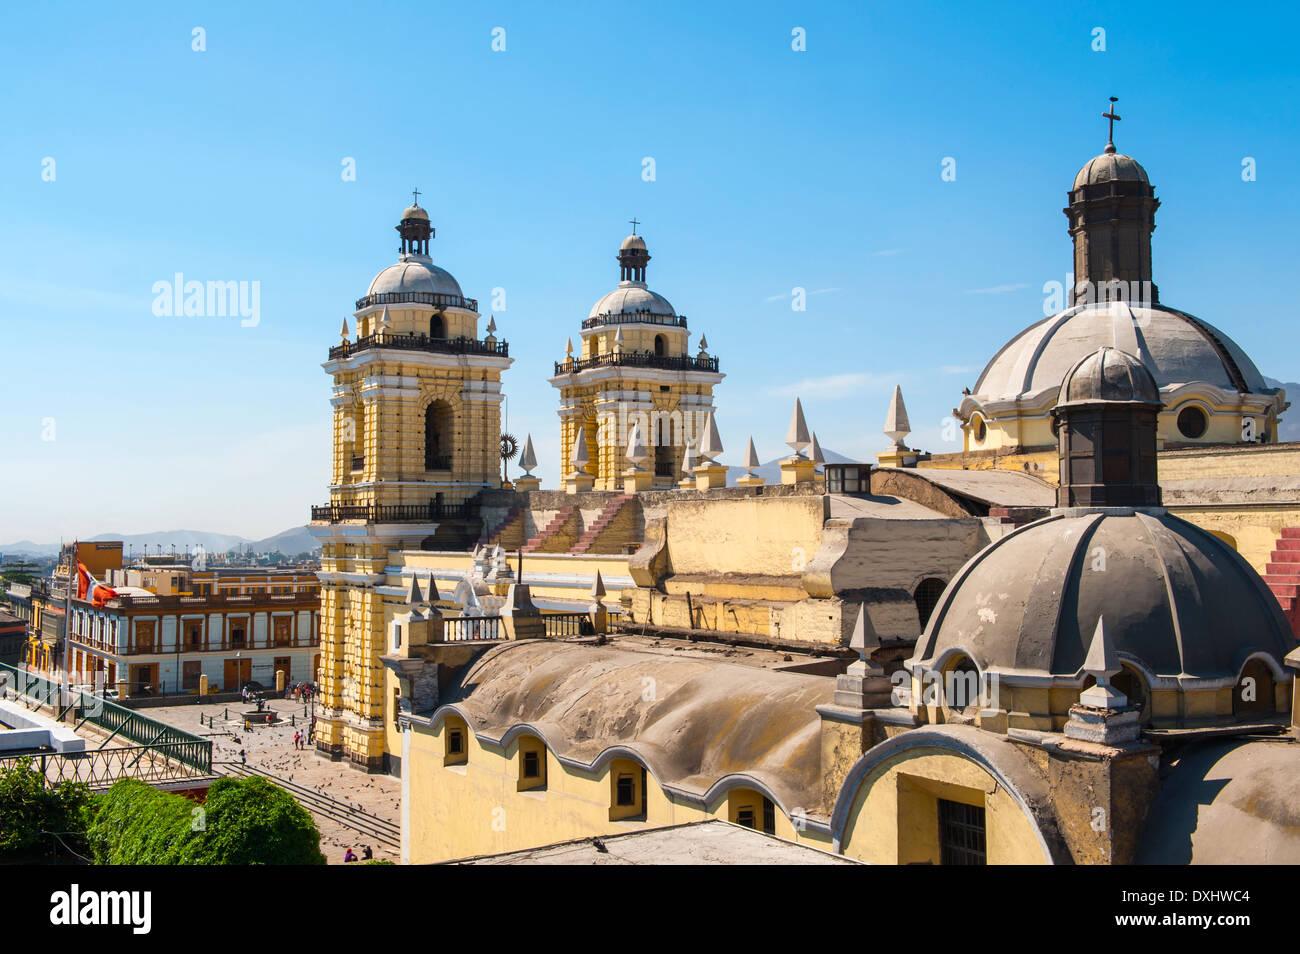 San Francisco monastero, centro di Lima, Perù Immagini Stock